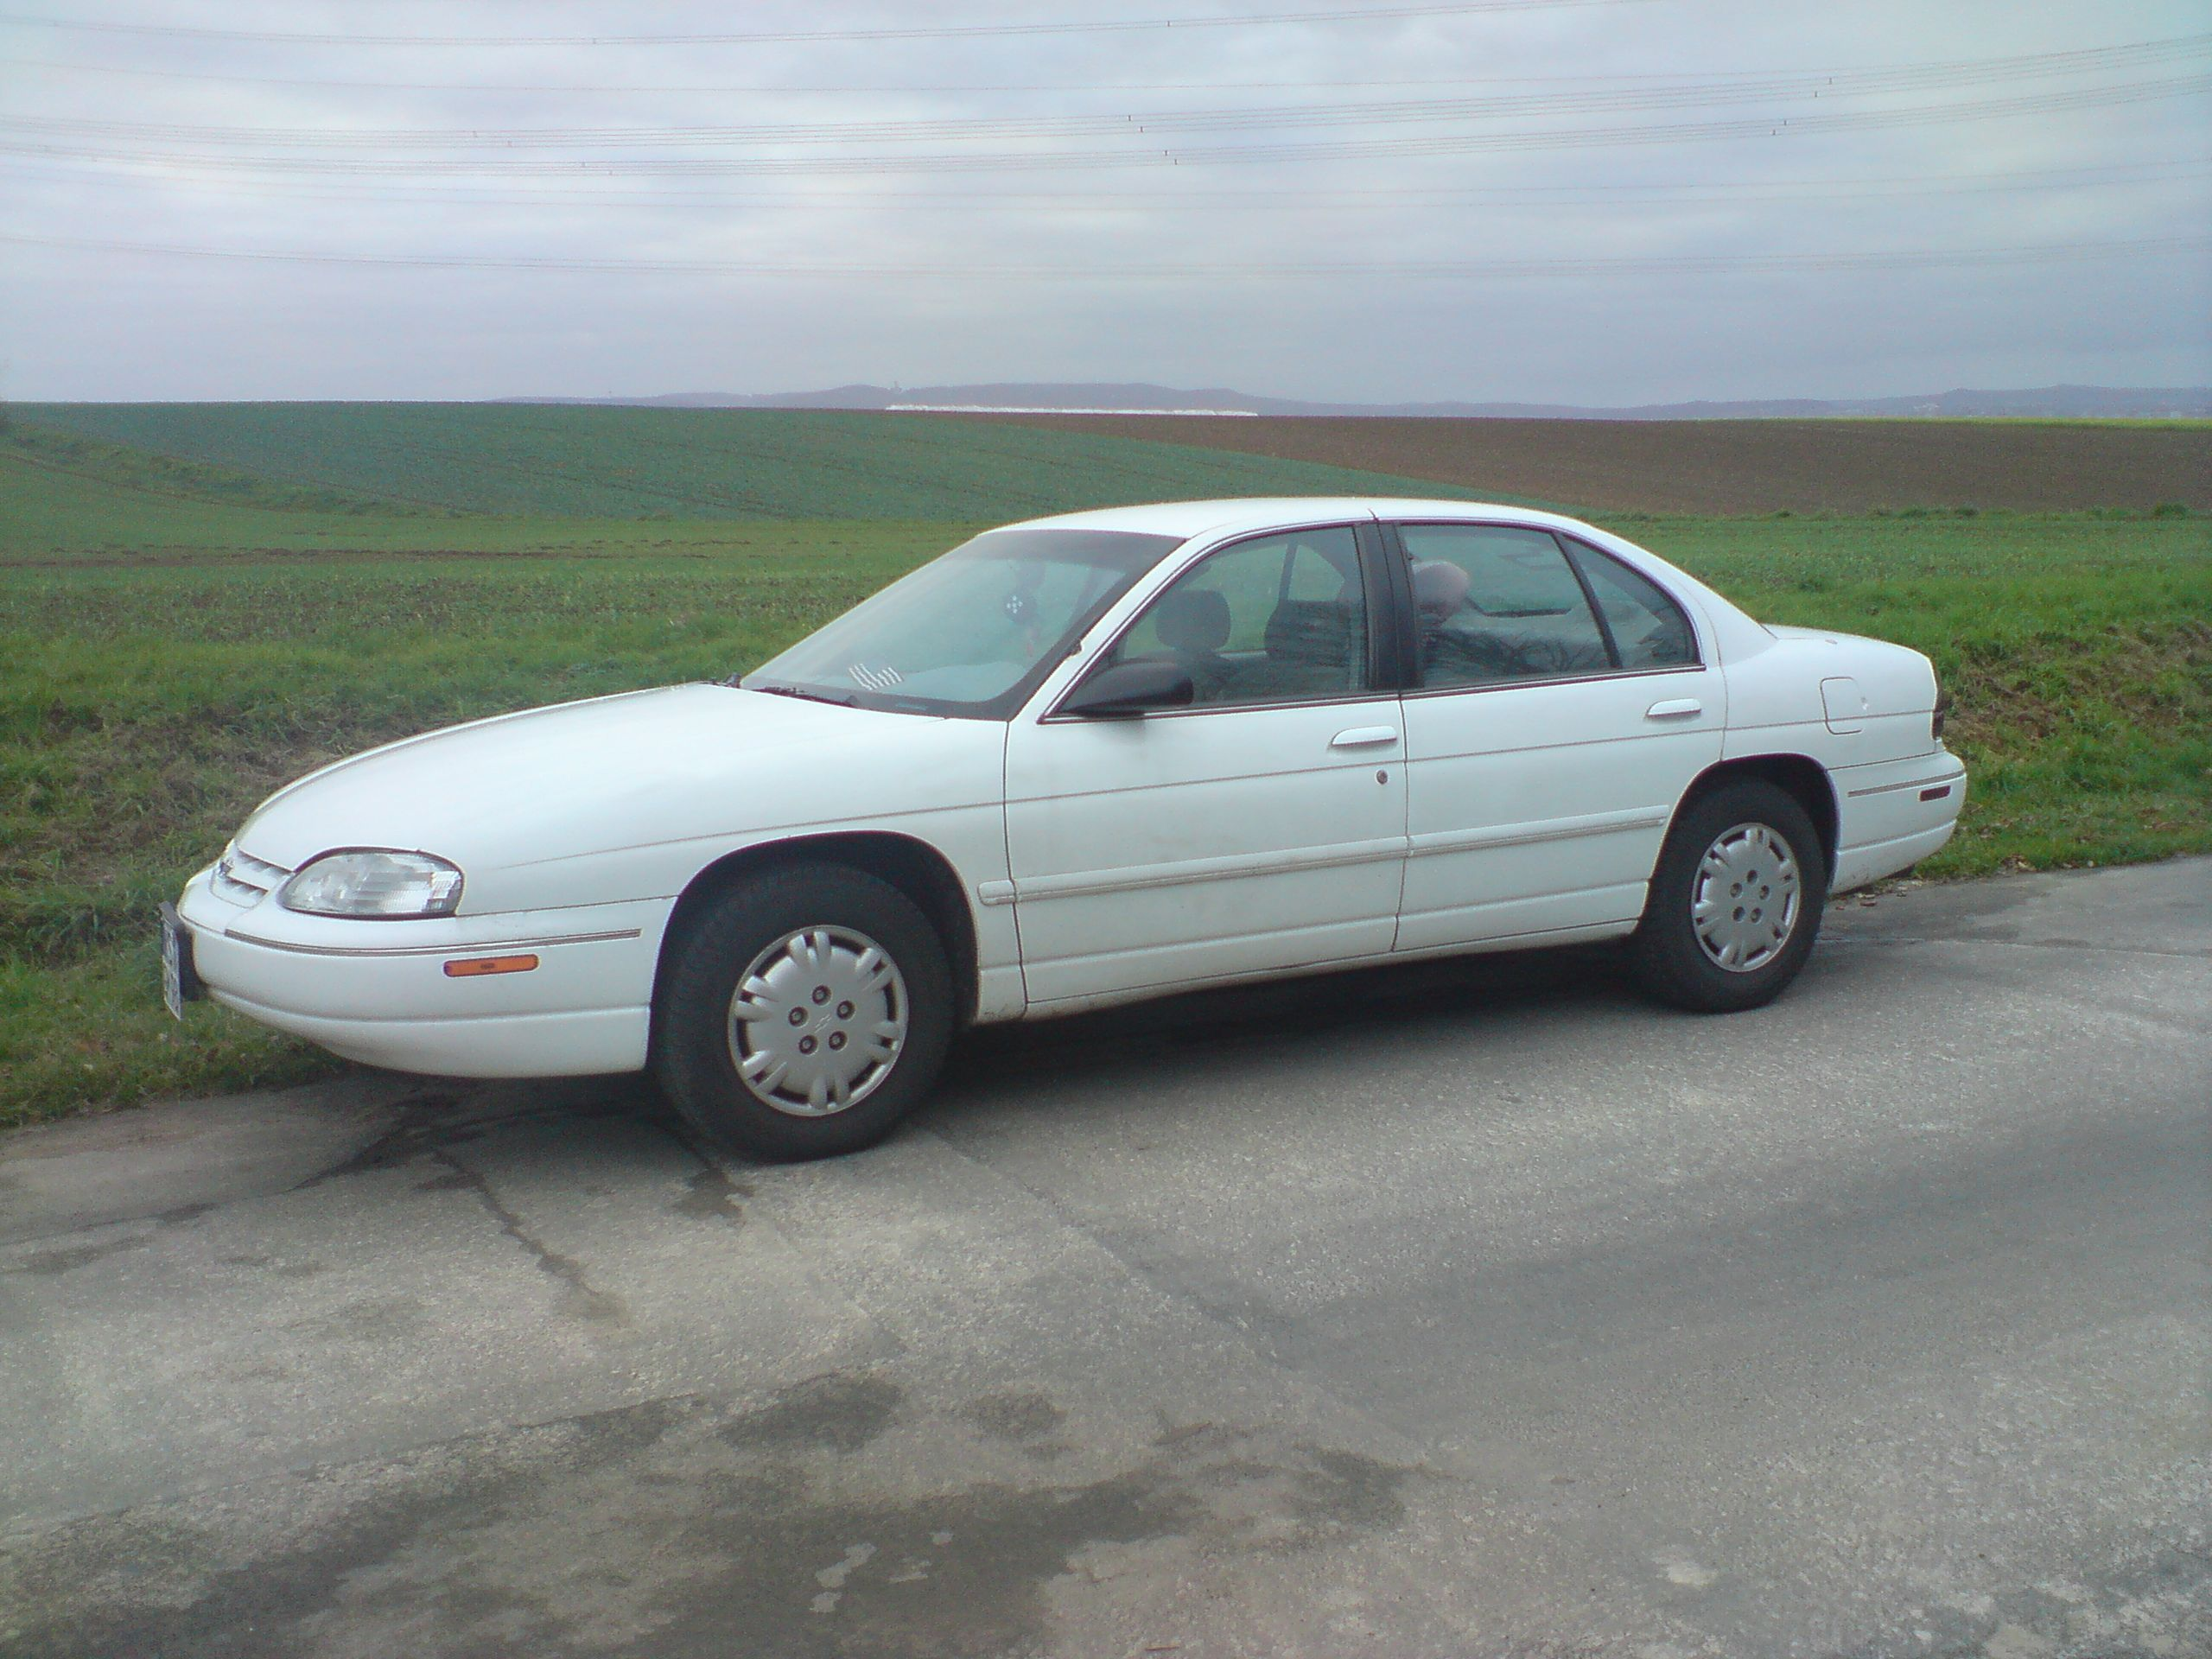 Chevrolet Lumina 2